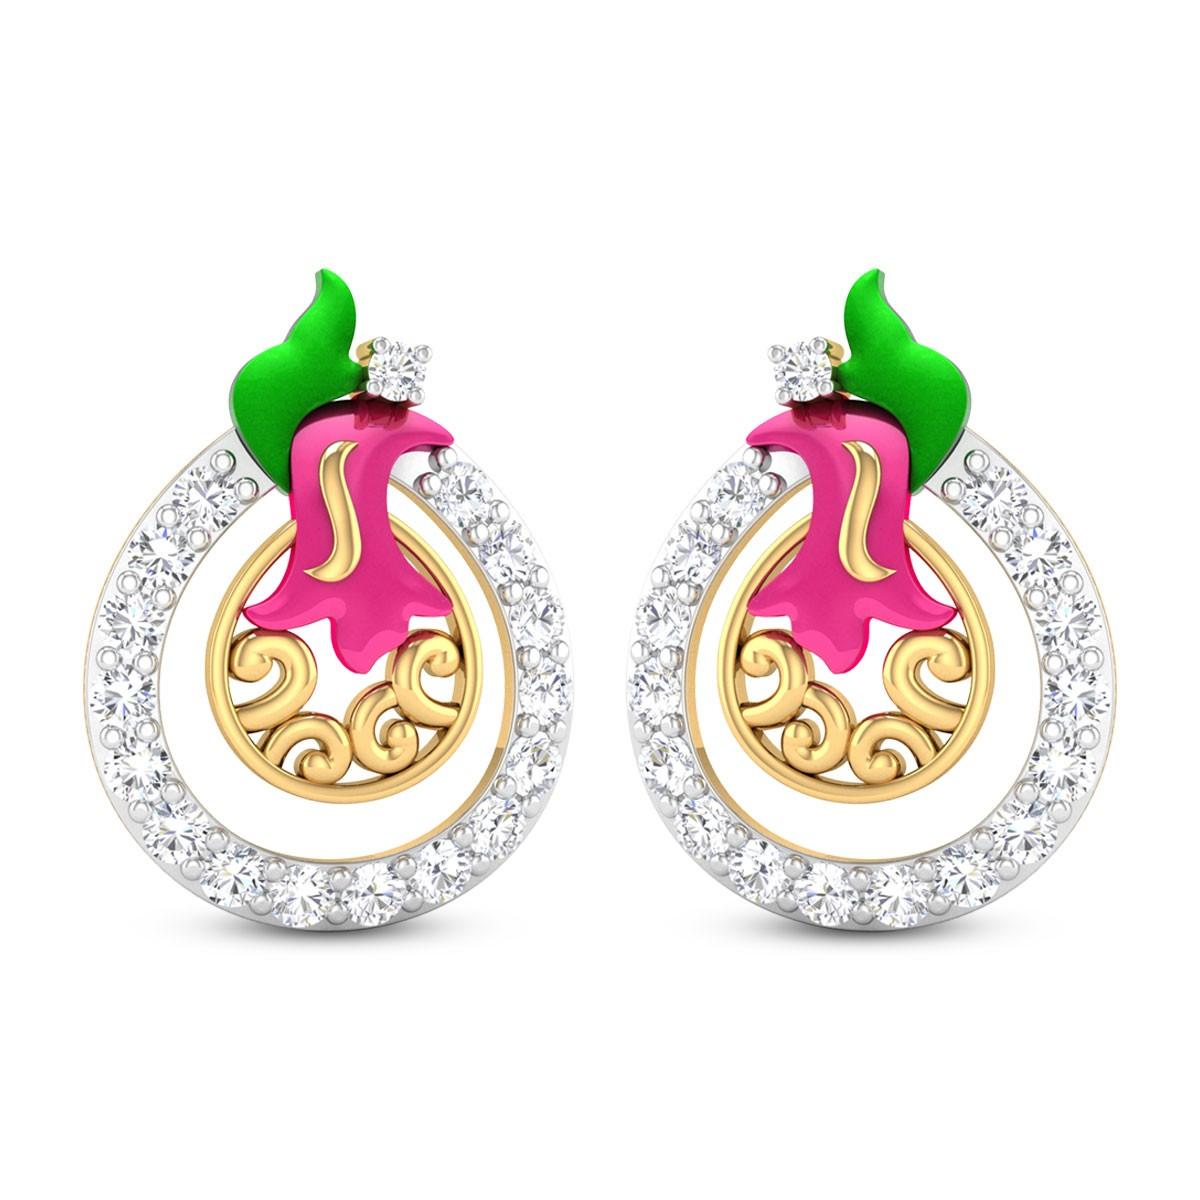 Laken Diamond Stud Earrings